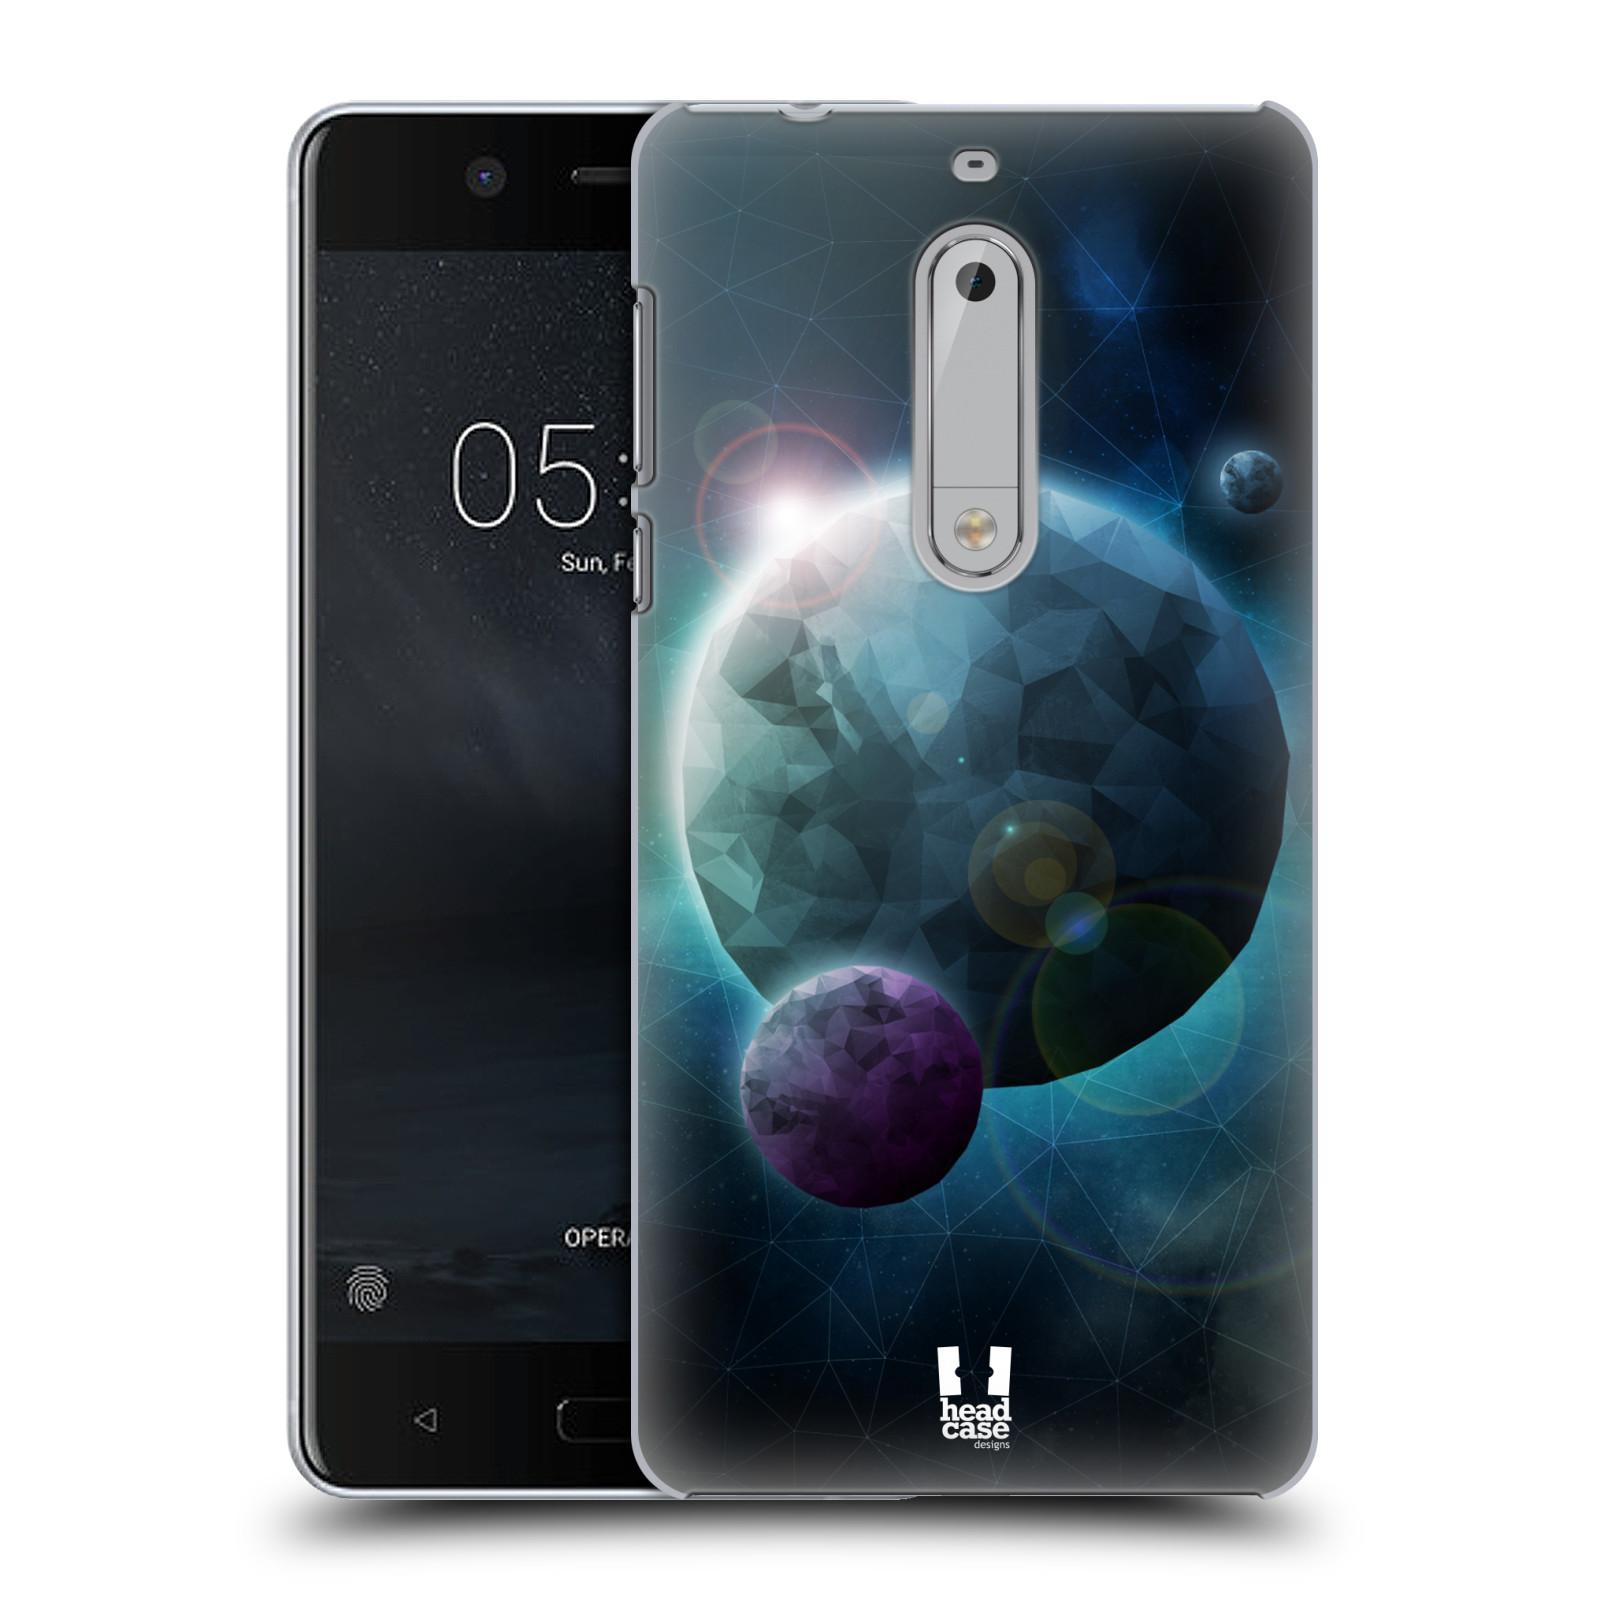 Plastové pouzdro na mobil Nokia 5 Head Case - UNIVERSE DISCOVER (Plastový kryt či obal na mobilní telefon Nokia 5 (2017))